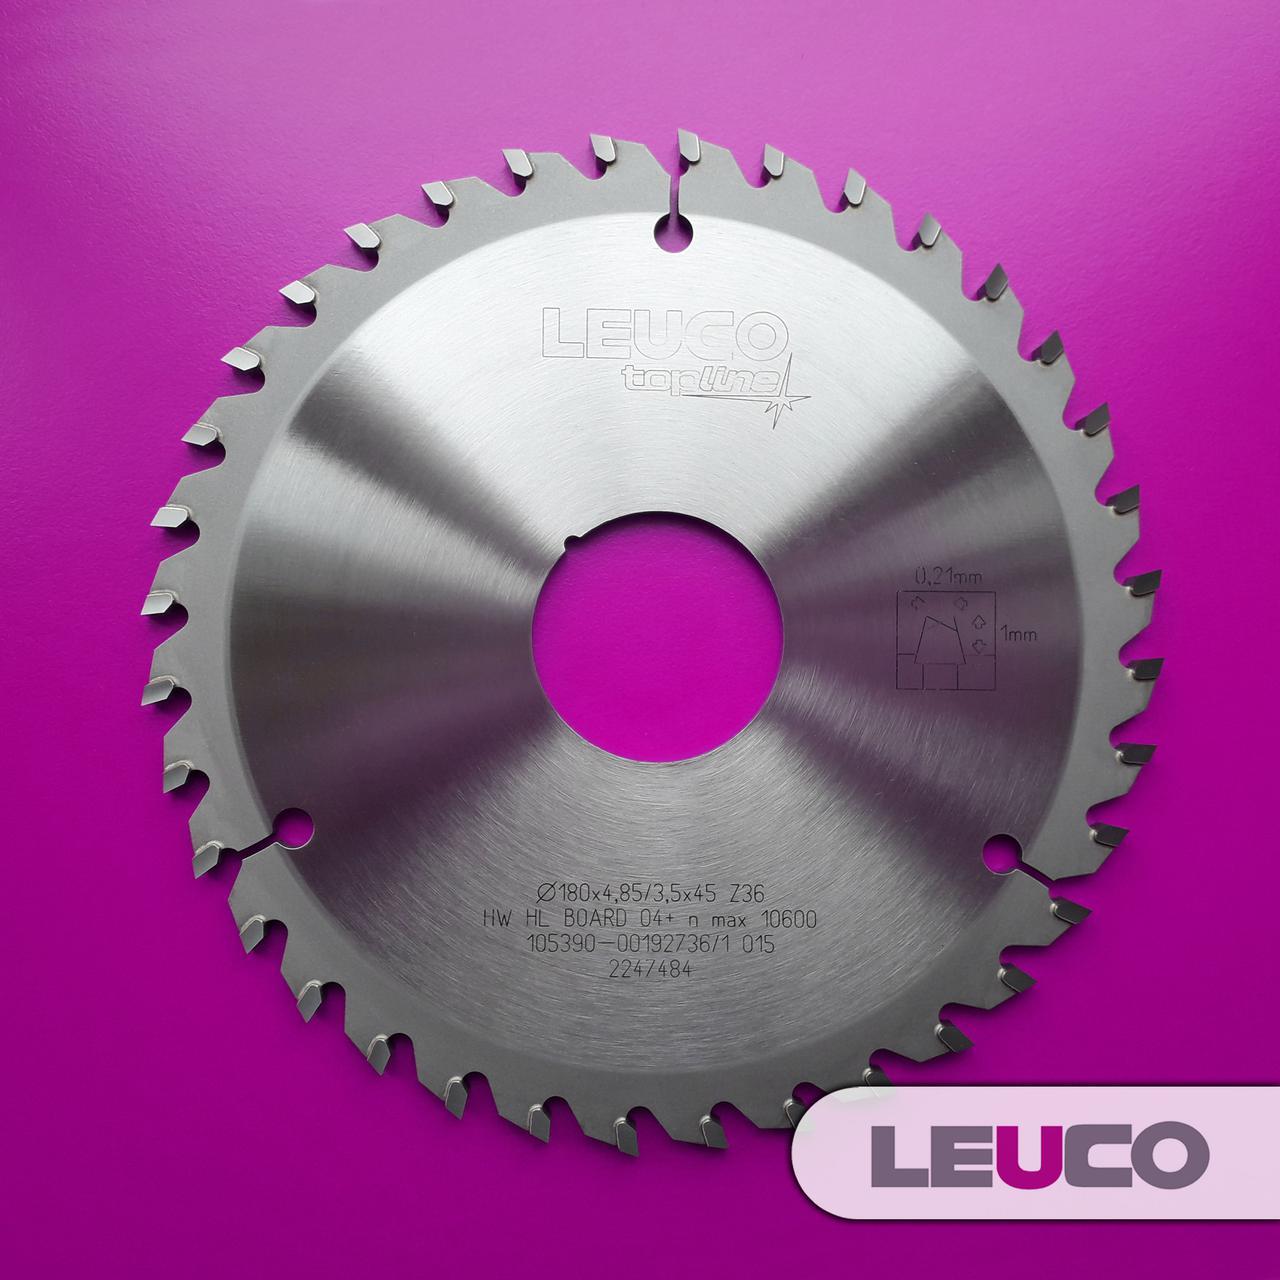 Подрезная дисковая пила Leuco для пильных центров 180х4,85-5,65х3,5х45, Z=36